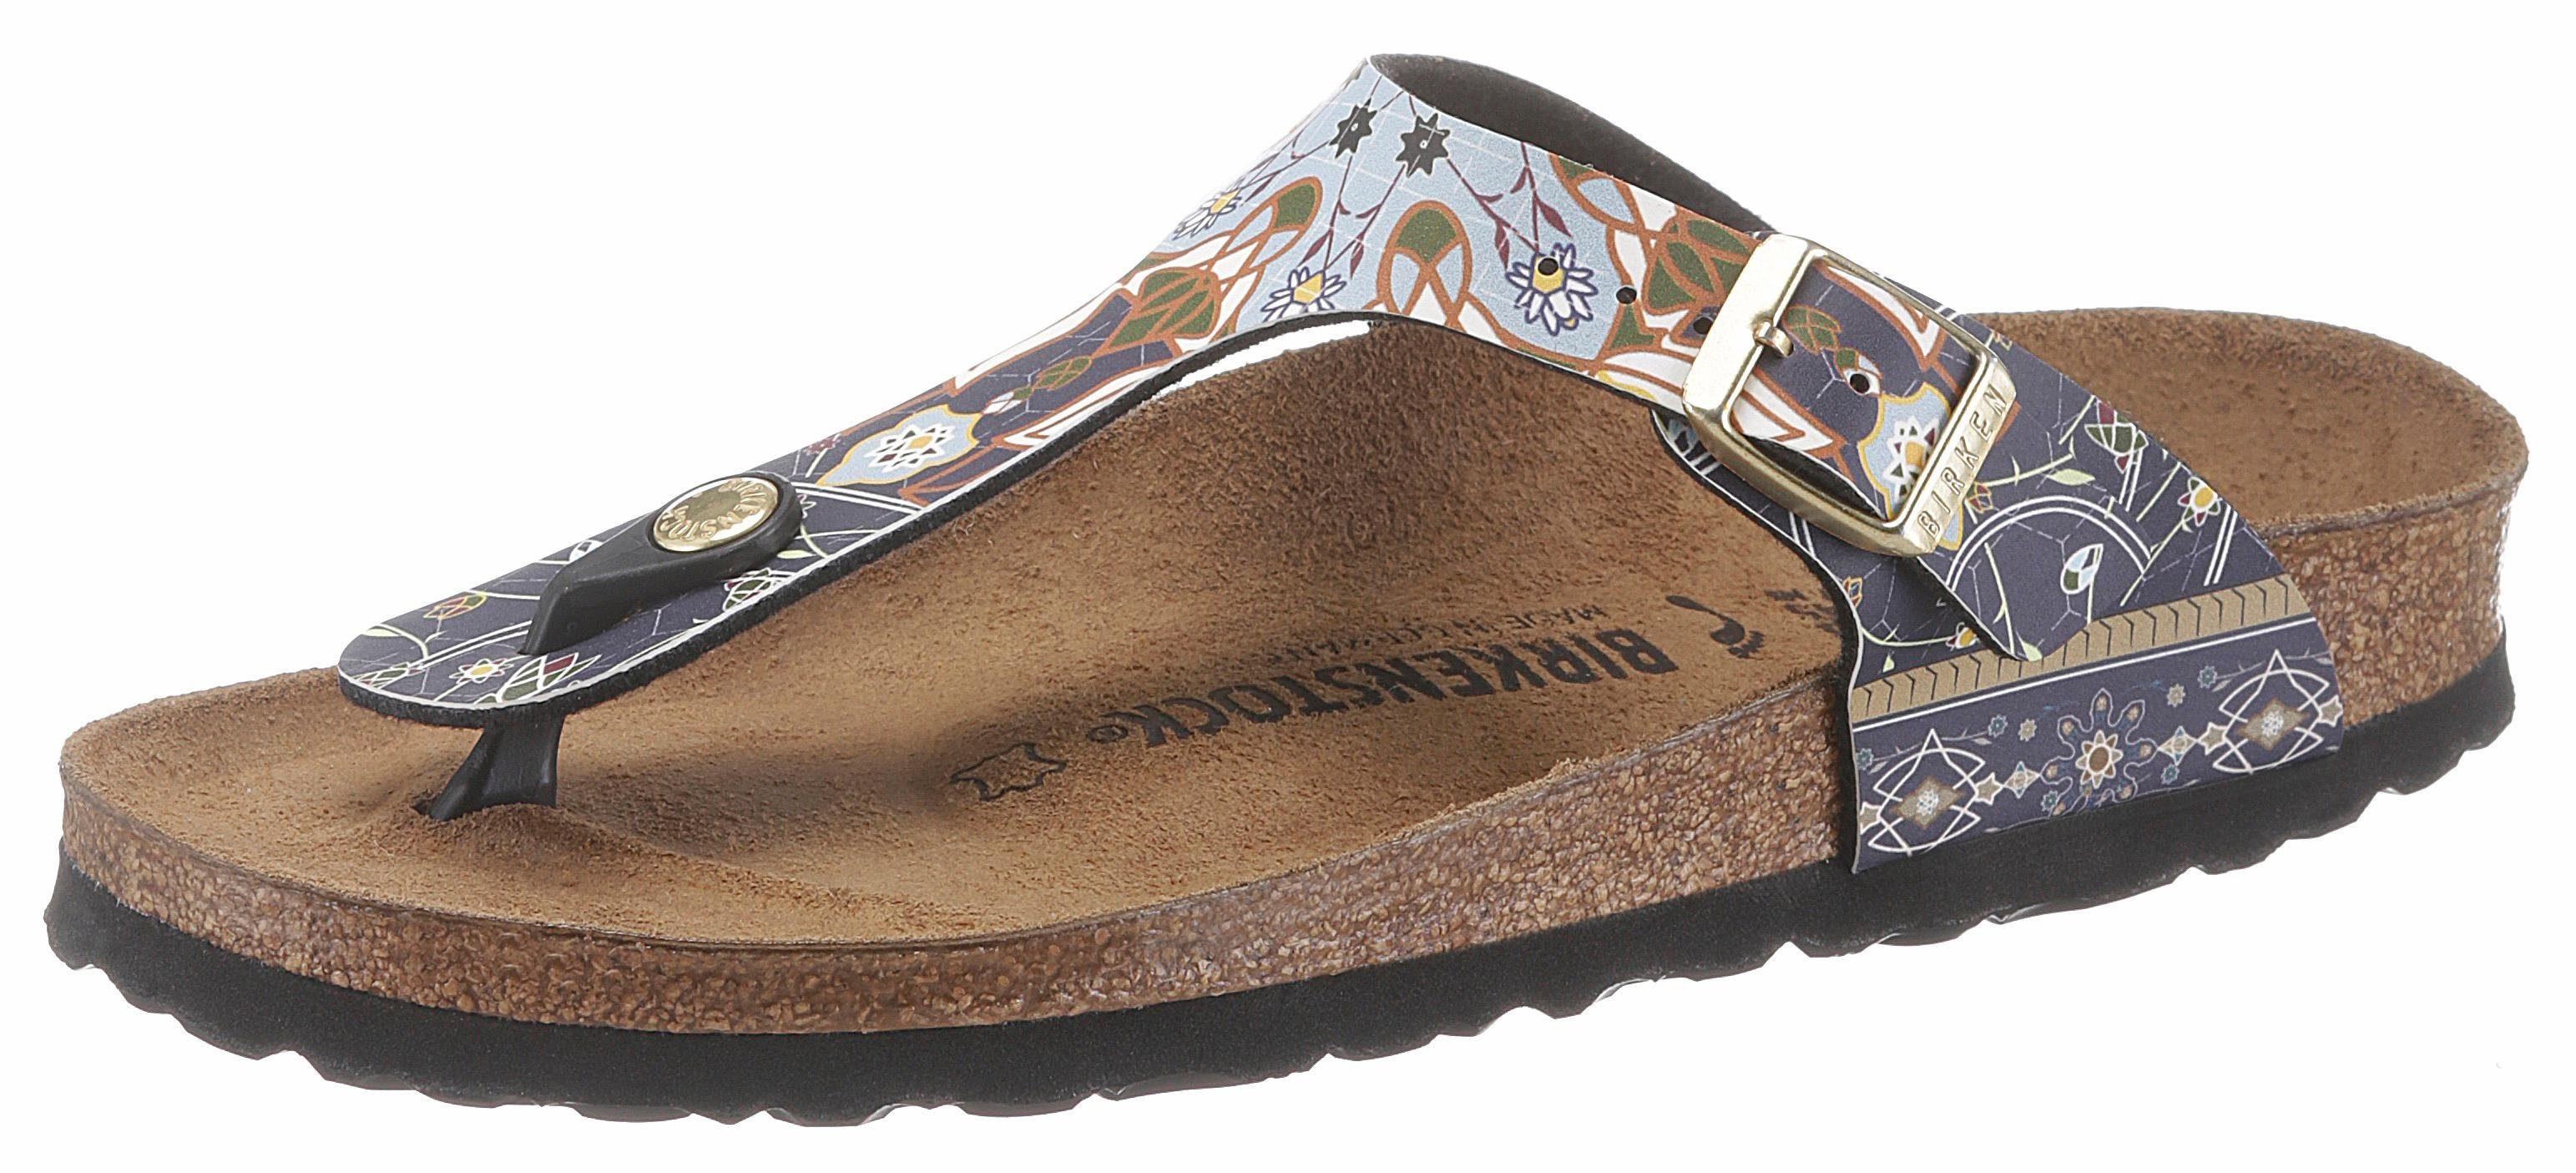 Birkenstock Gizeh Zehentrenner, in schmaler Schuhweite, mit modischem Muster online kaufen  navy-hellblau